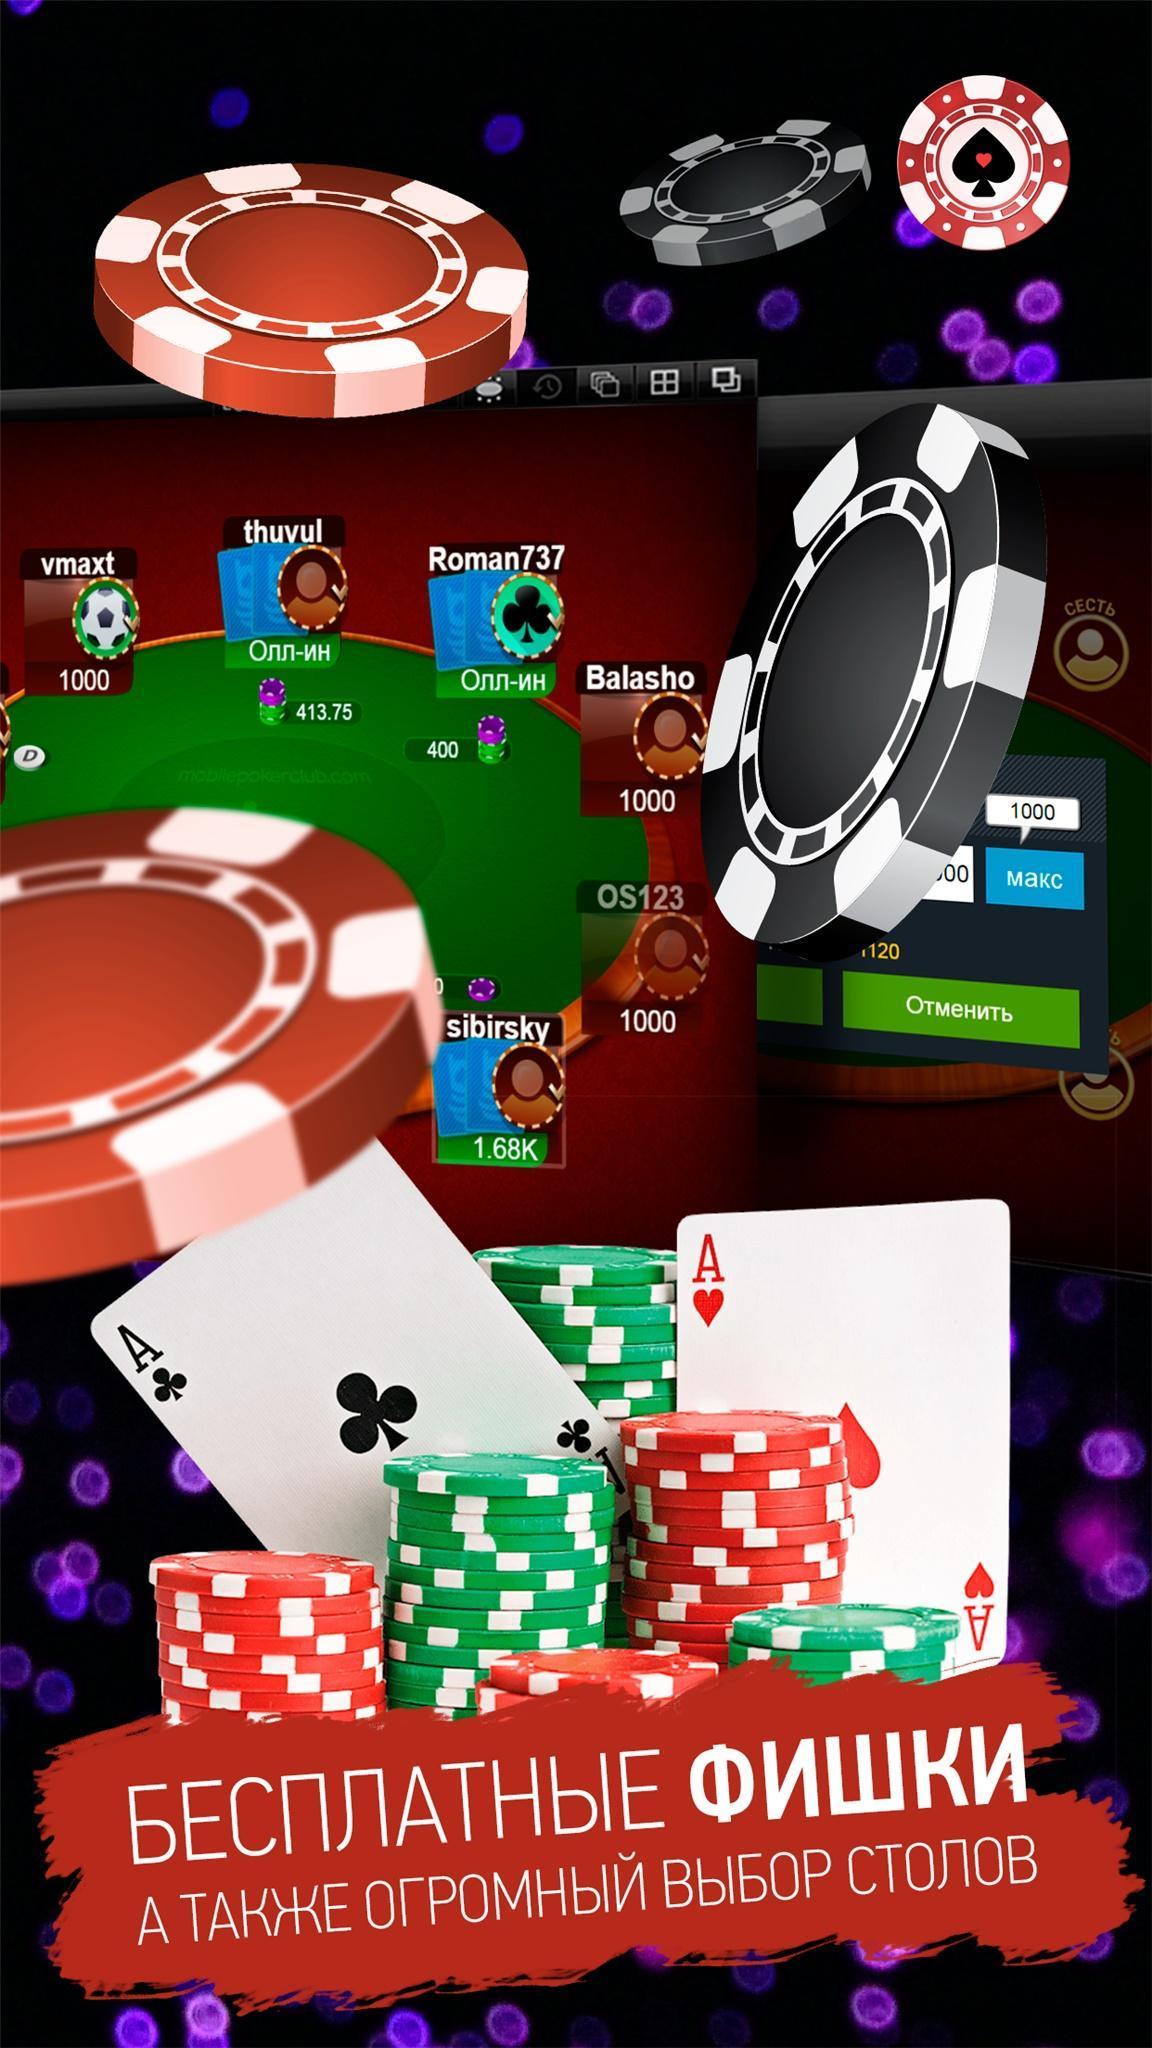 Скачать онлайн мобильный покер на телефон играть онлайн игры карты паук